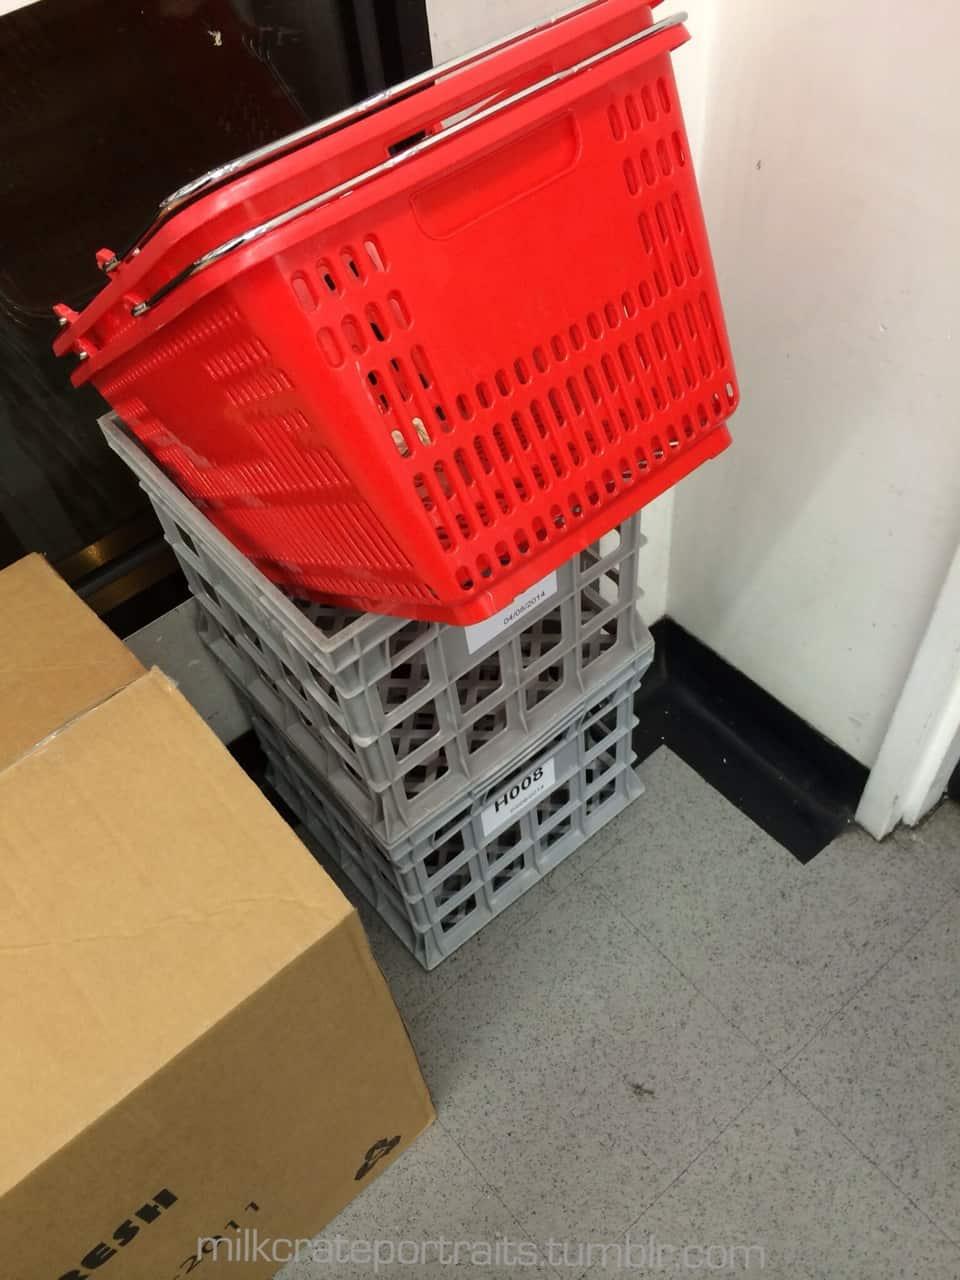 7-11 milk crate